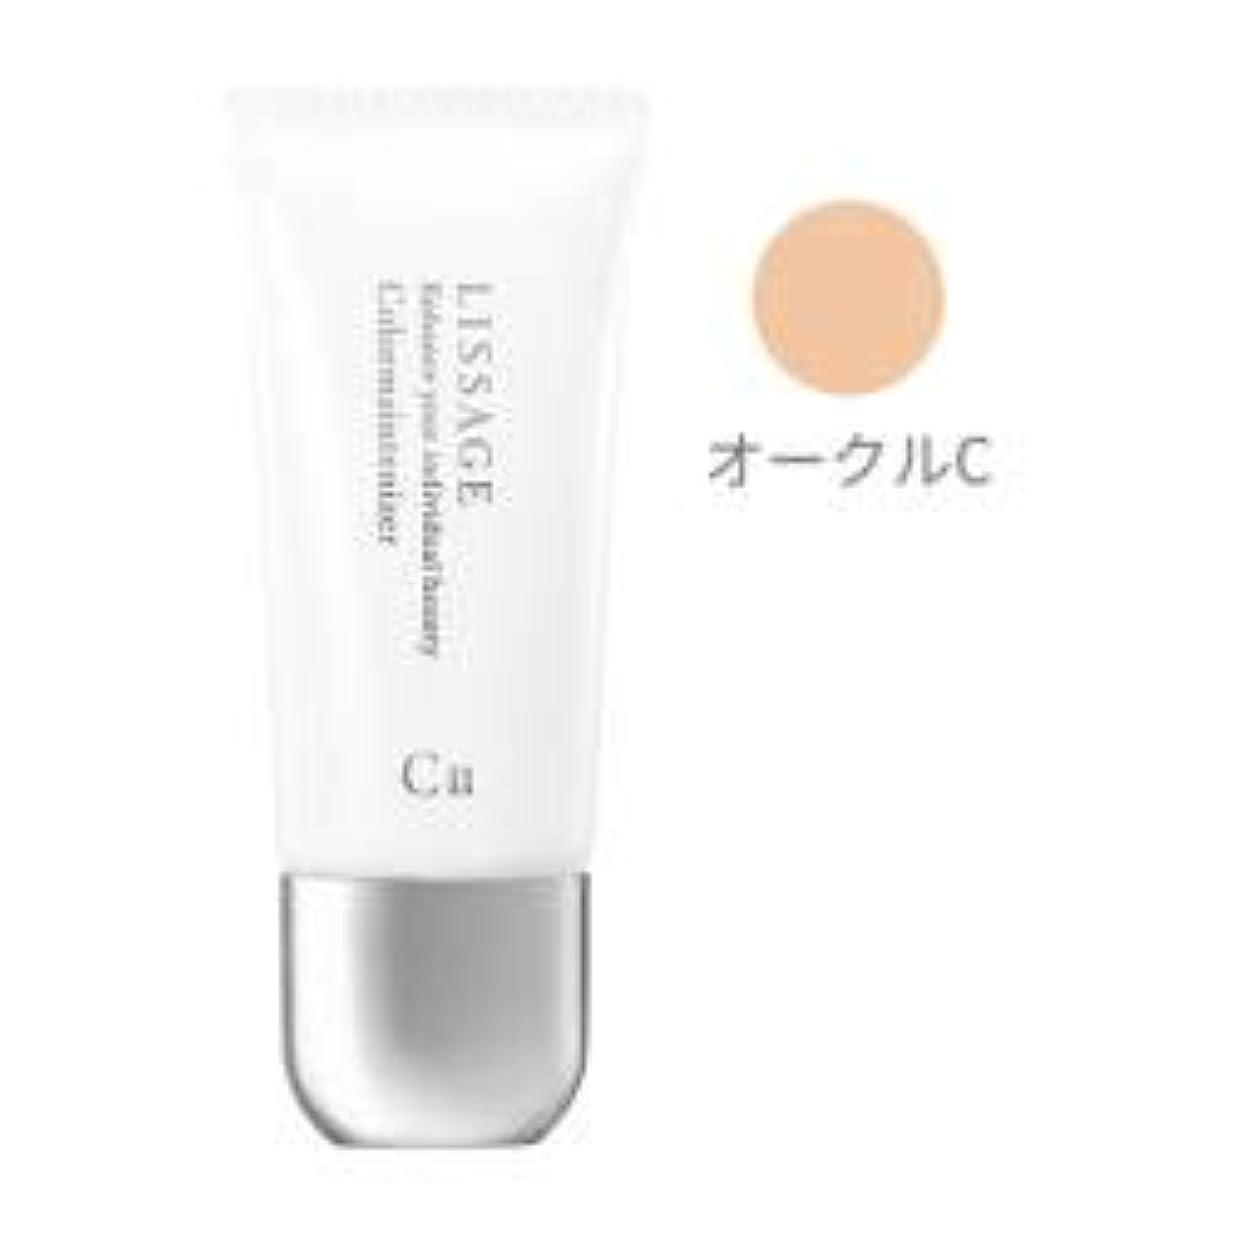 香水ハリケーン測るリサージ カラーメインテナイザーCII オークルC(SPF25/PA++)(30g)